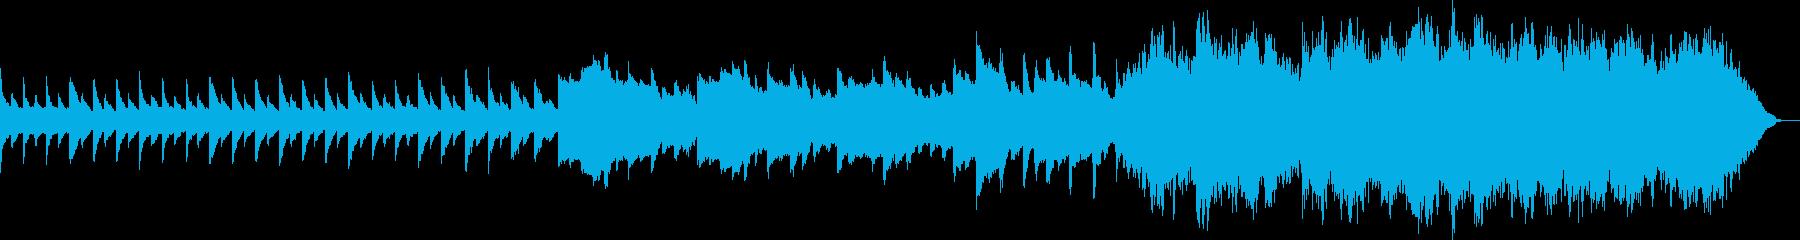 切ない系(ストリングス)の再生済みの波形